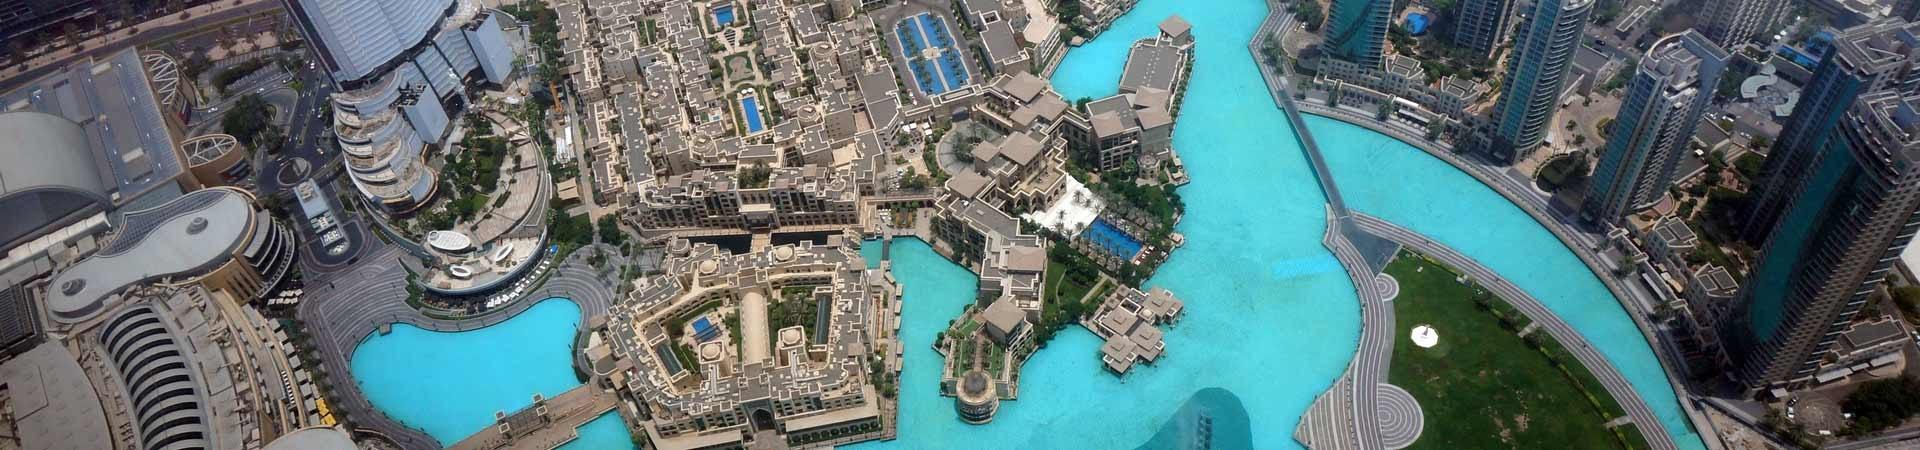 Vereinigte Arabische Emirate (VAE) Reisen